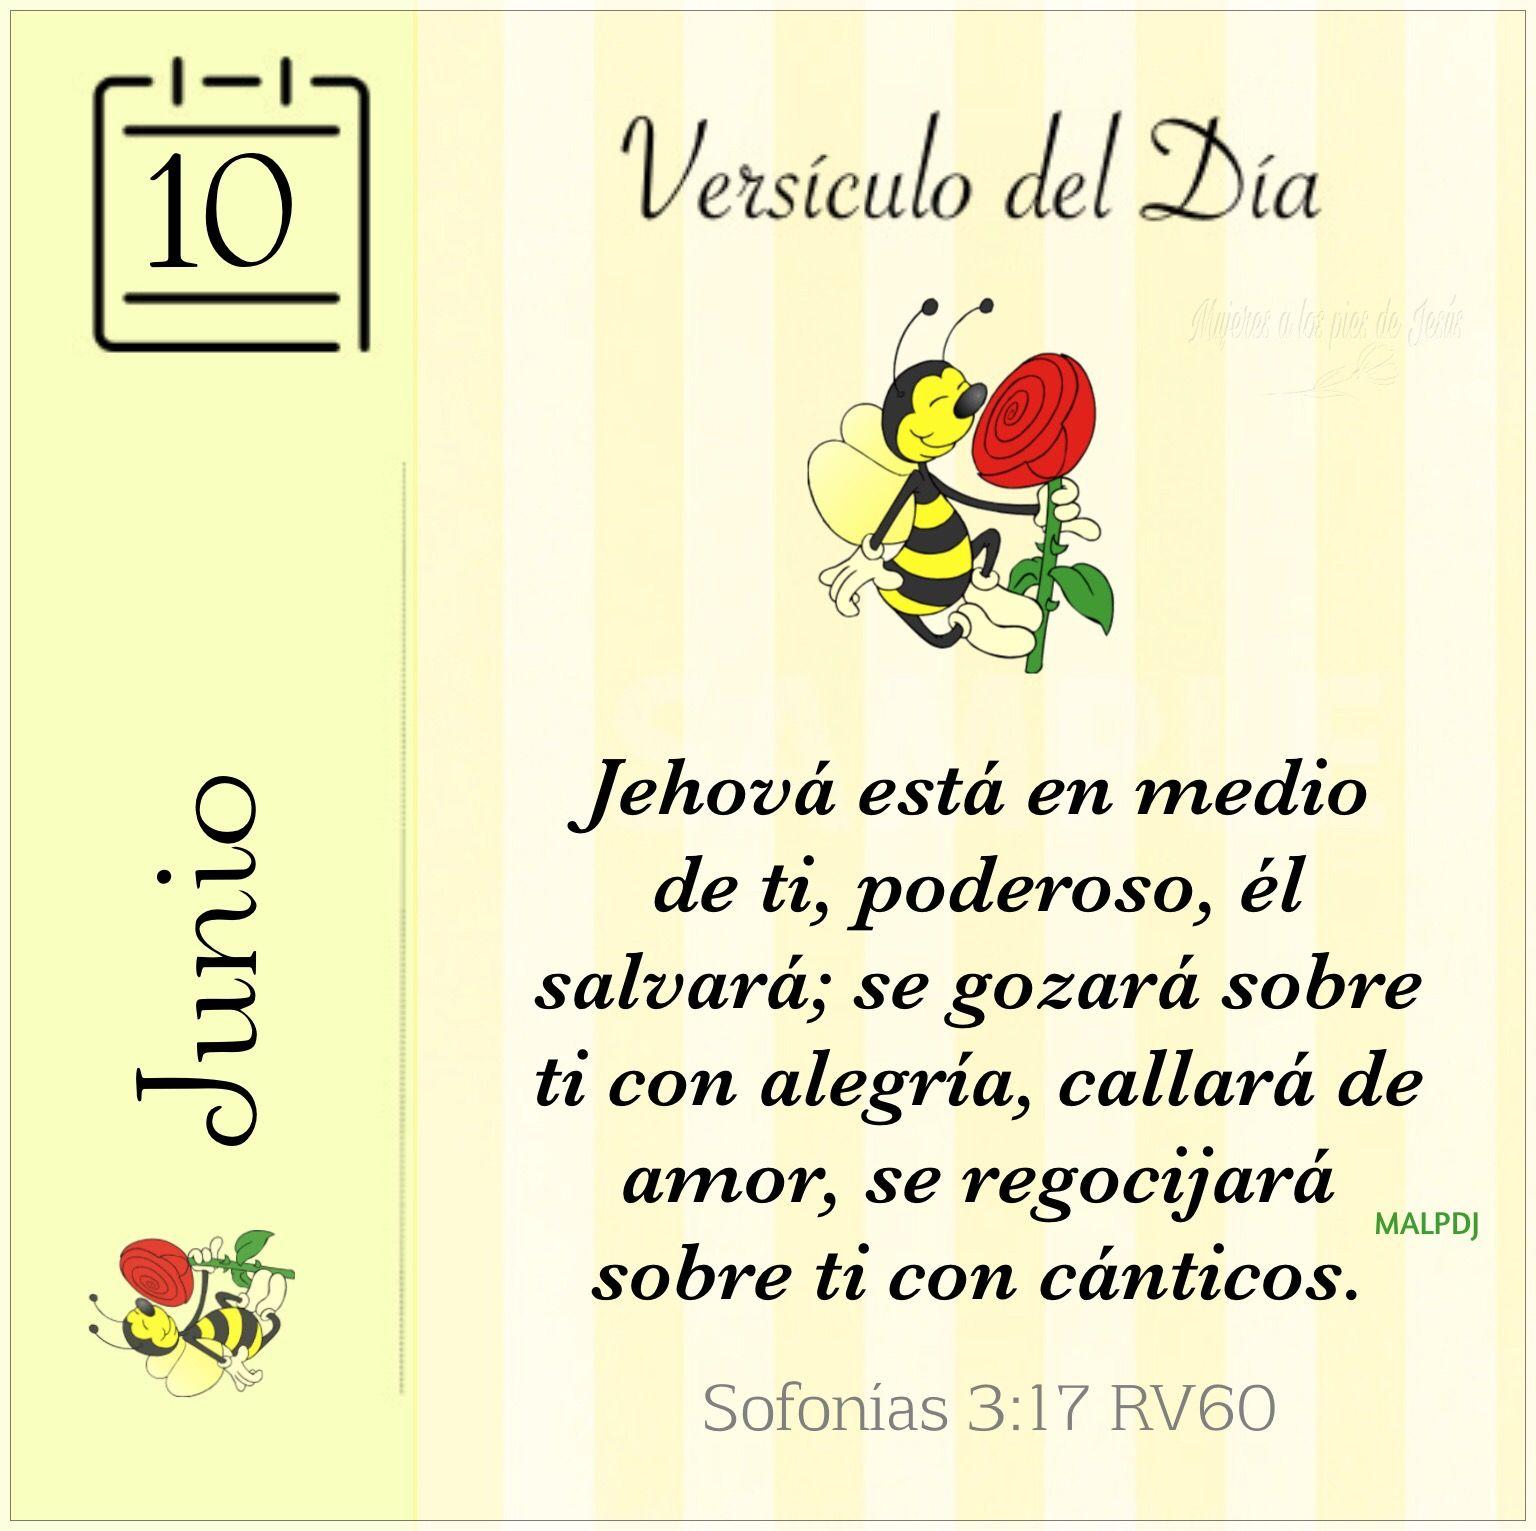 Versiculo Del Dia Sofonias 3 17 Rv60 Citas De La Biblia Palabra De Dios Palabras